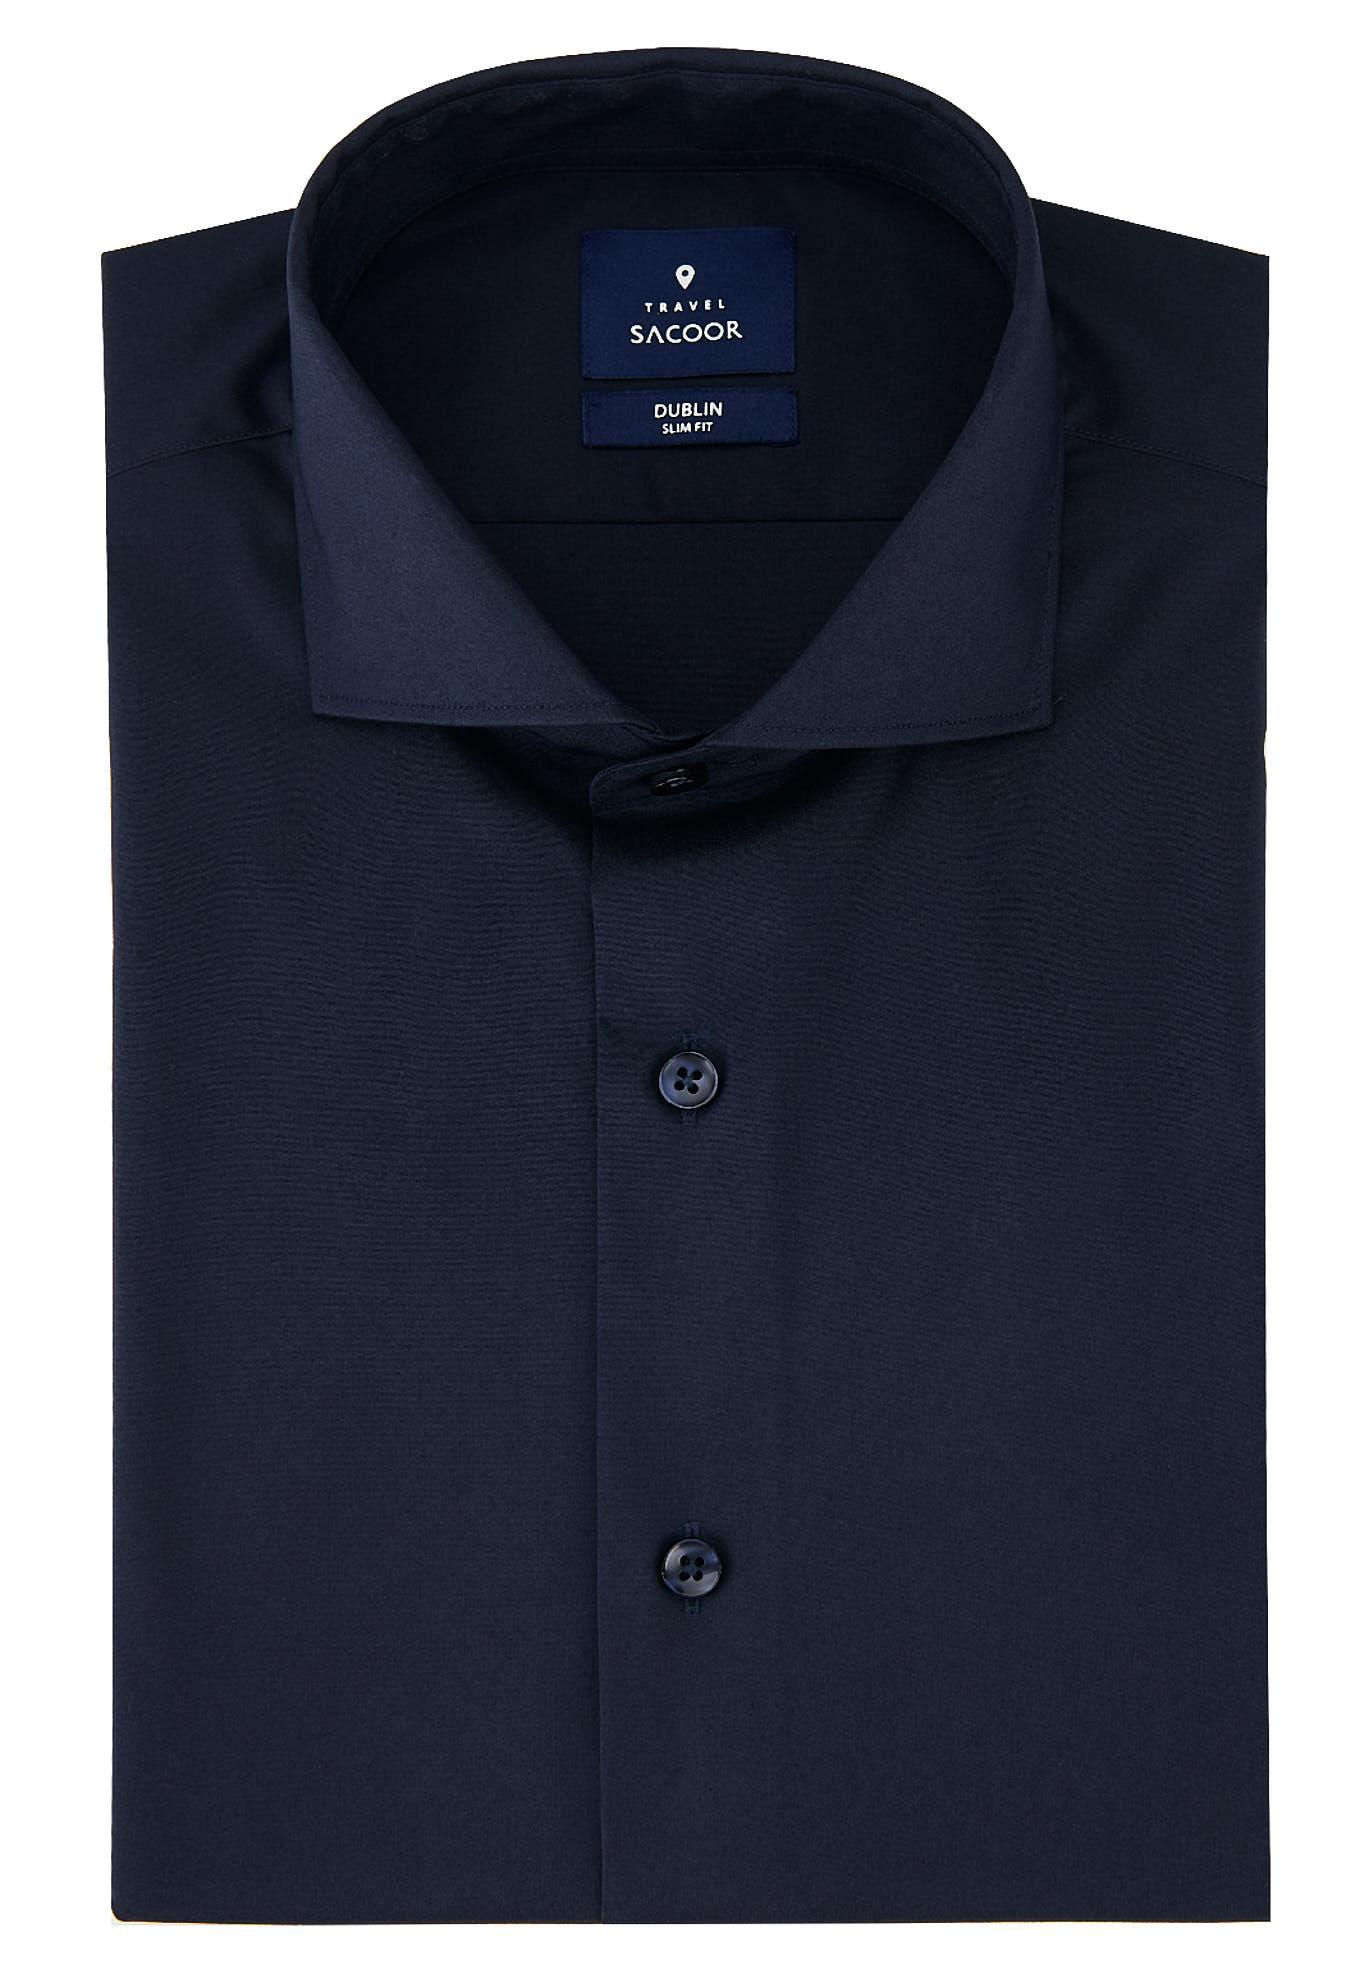 Camisa Azul Escuro Formal Homem